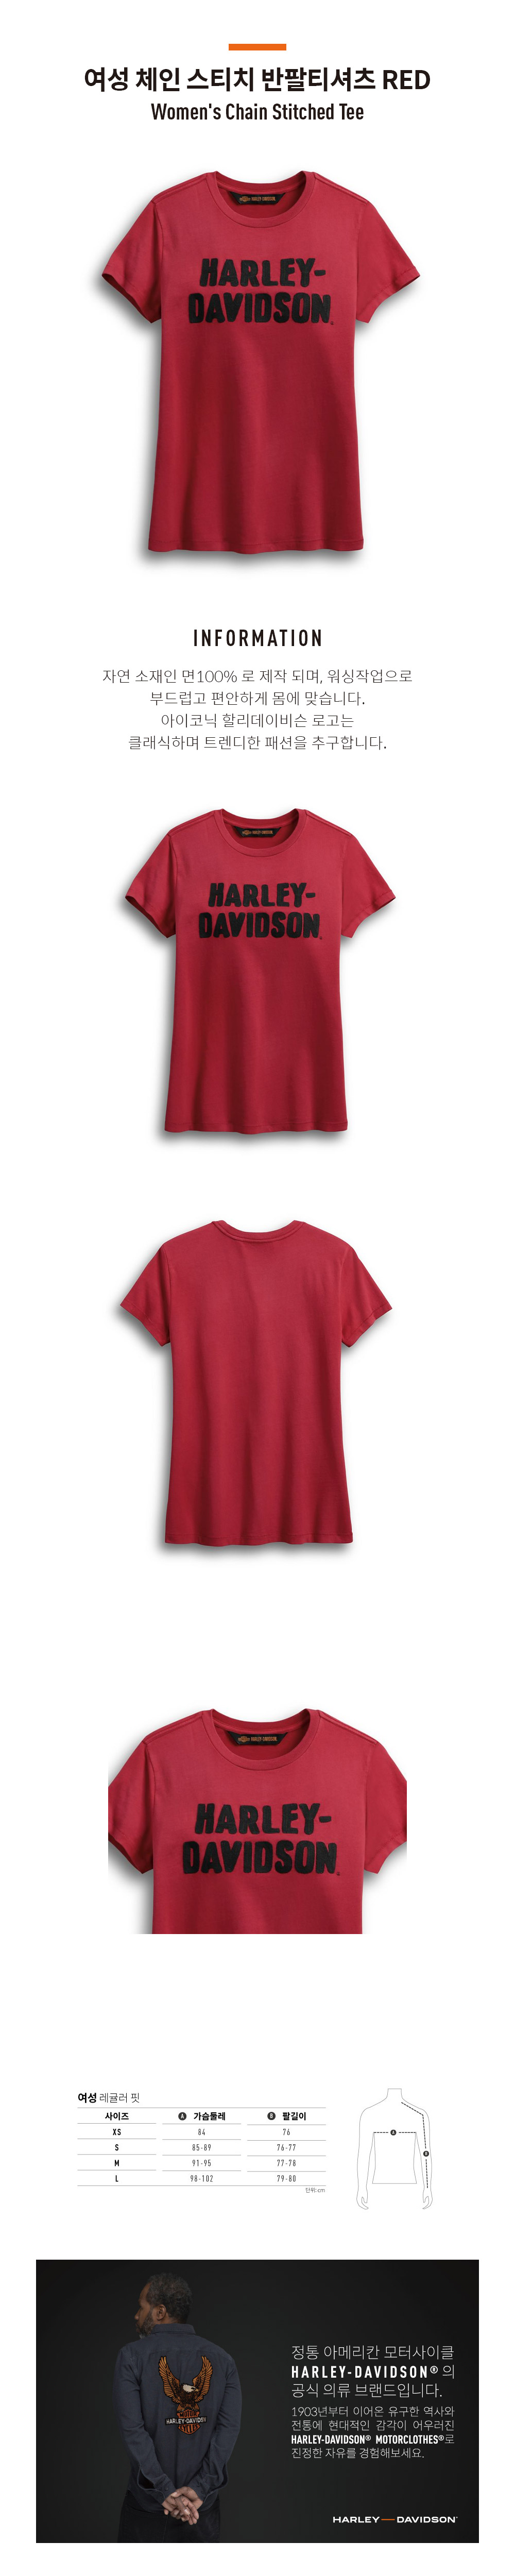 여성 체인 스티치 반팔티셔츠 RED